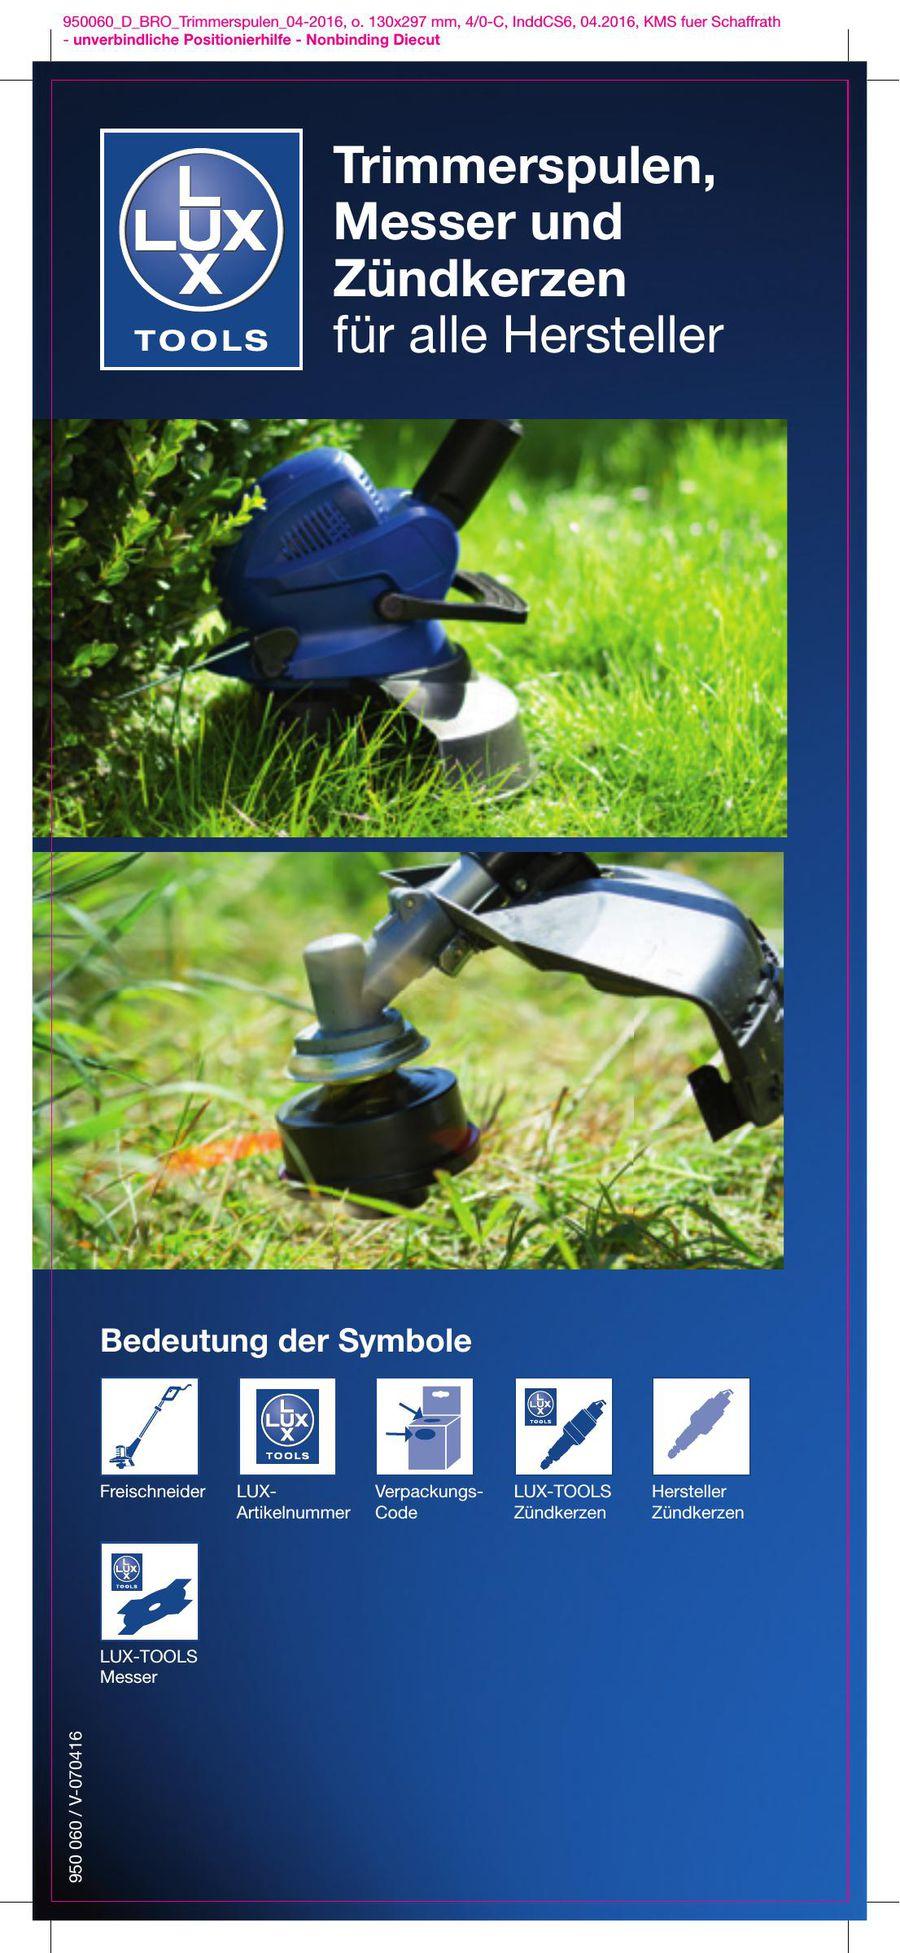 Lux tools obi